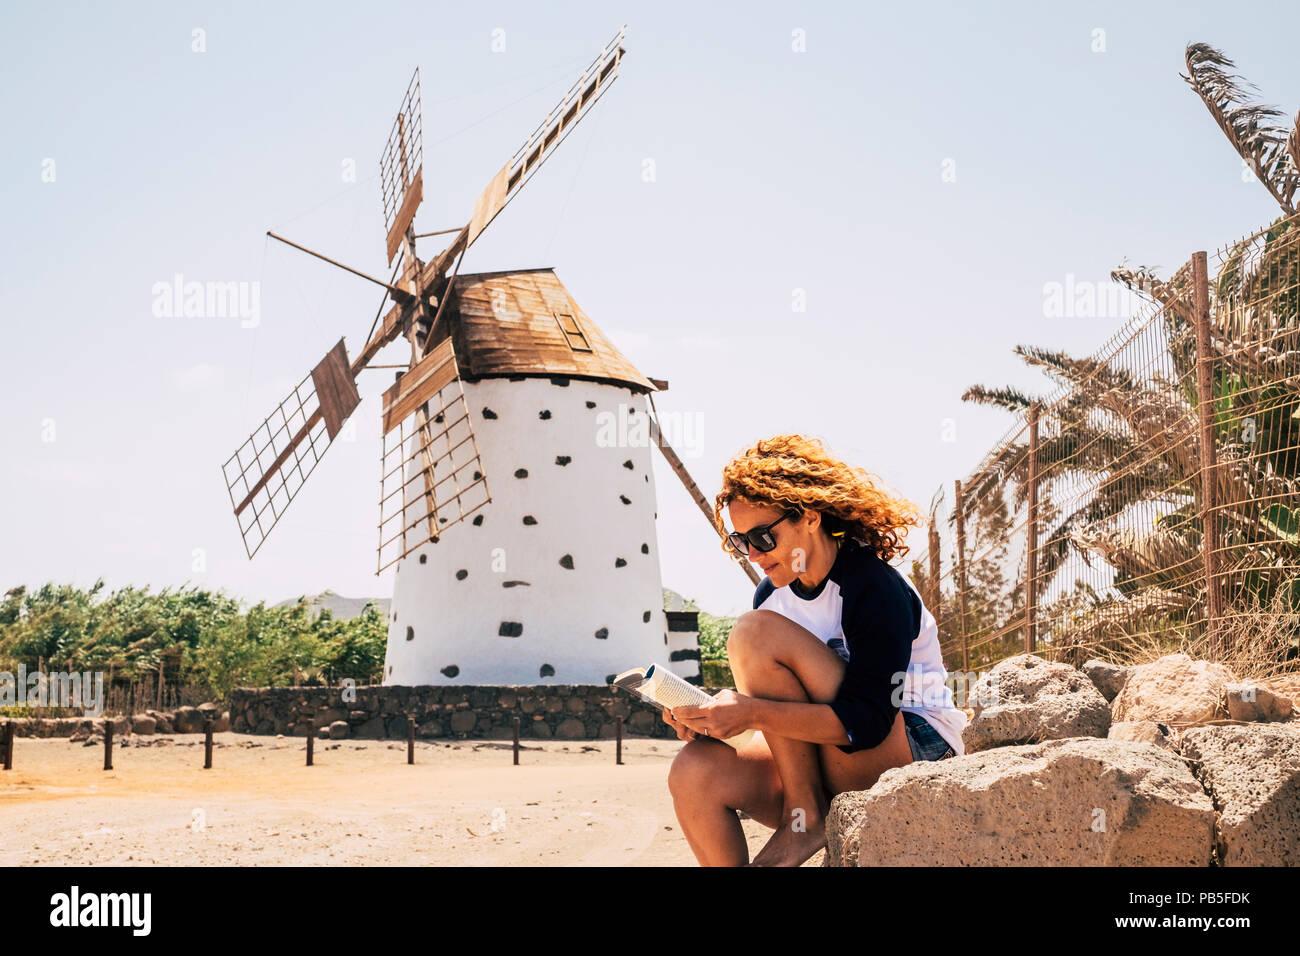 Bella bella allegro signora bionda con capelli ricci seduto sotto un mulino a vento in outdoor luogo scenico la lettura di un libro e godendo le attività per il tempo libero. Immagini Stock